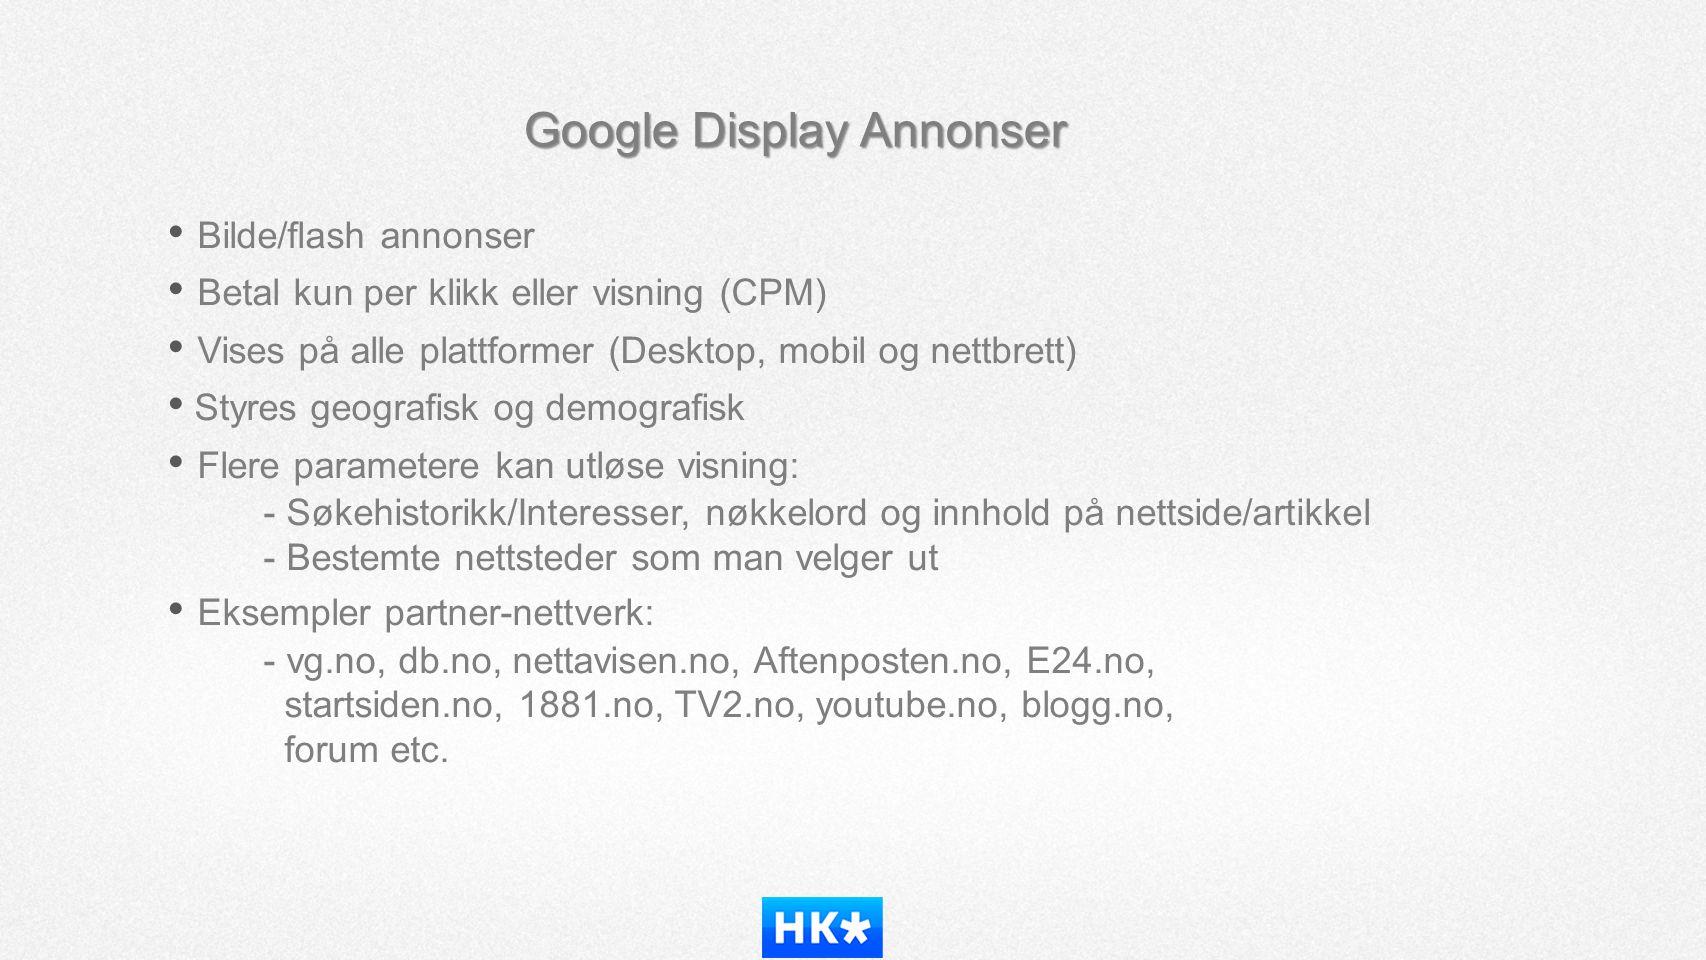 Google Display Annonser • Bilde/flash annonser • Betal kun per klikk eller visning (CPM) • Vises på alle plattformer (Desktop, mobil og nettbrett) • S